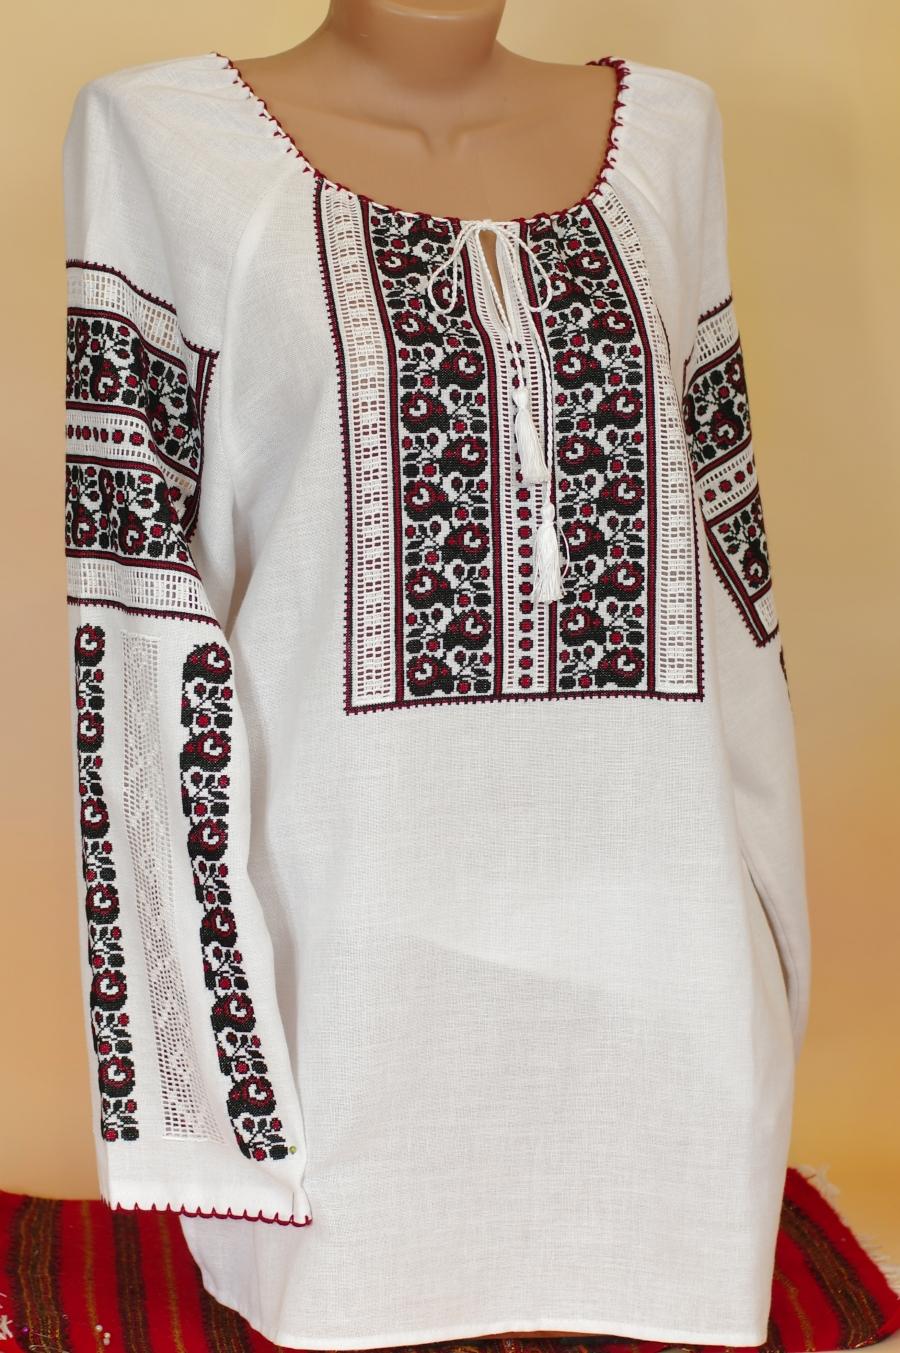 блузка квіткова. ціна  6000 грн. Ручна вишивка. Жіночий одяг Магазин ... 6d2ce158a480f